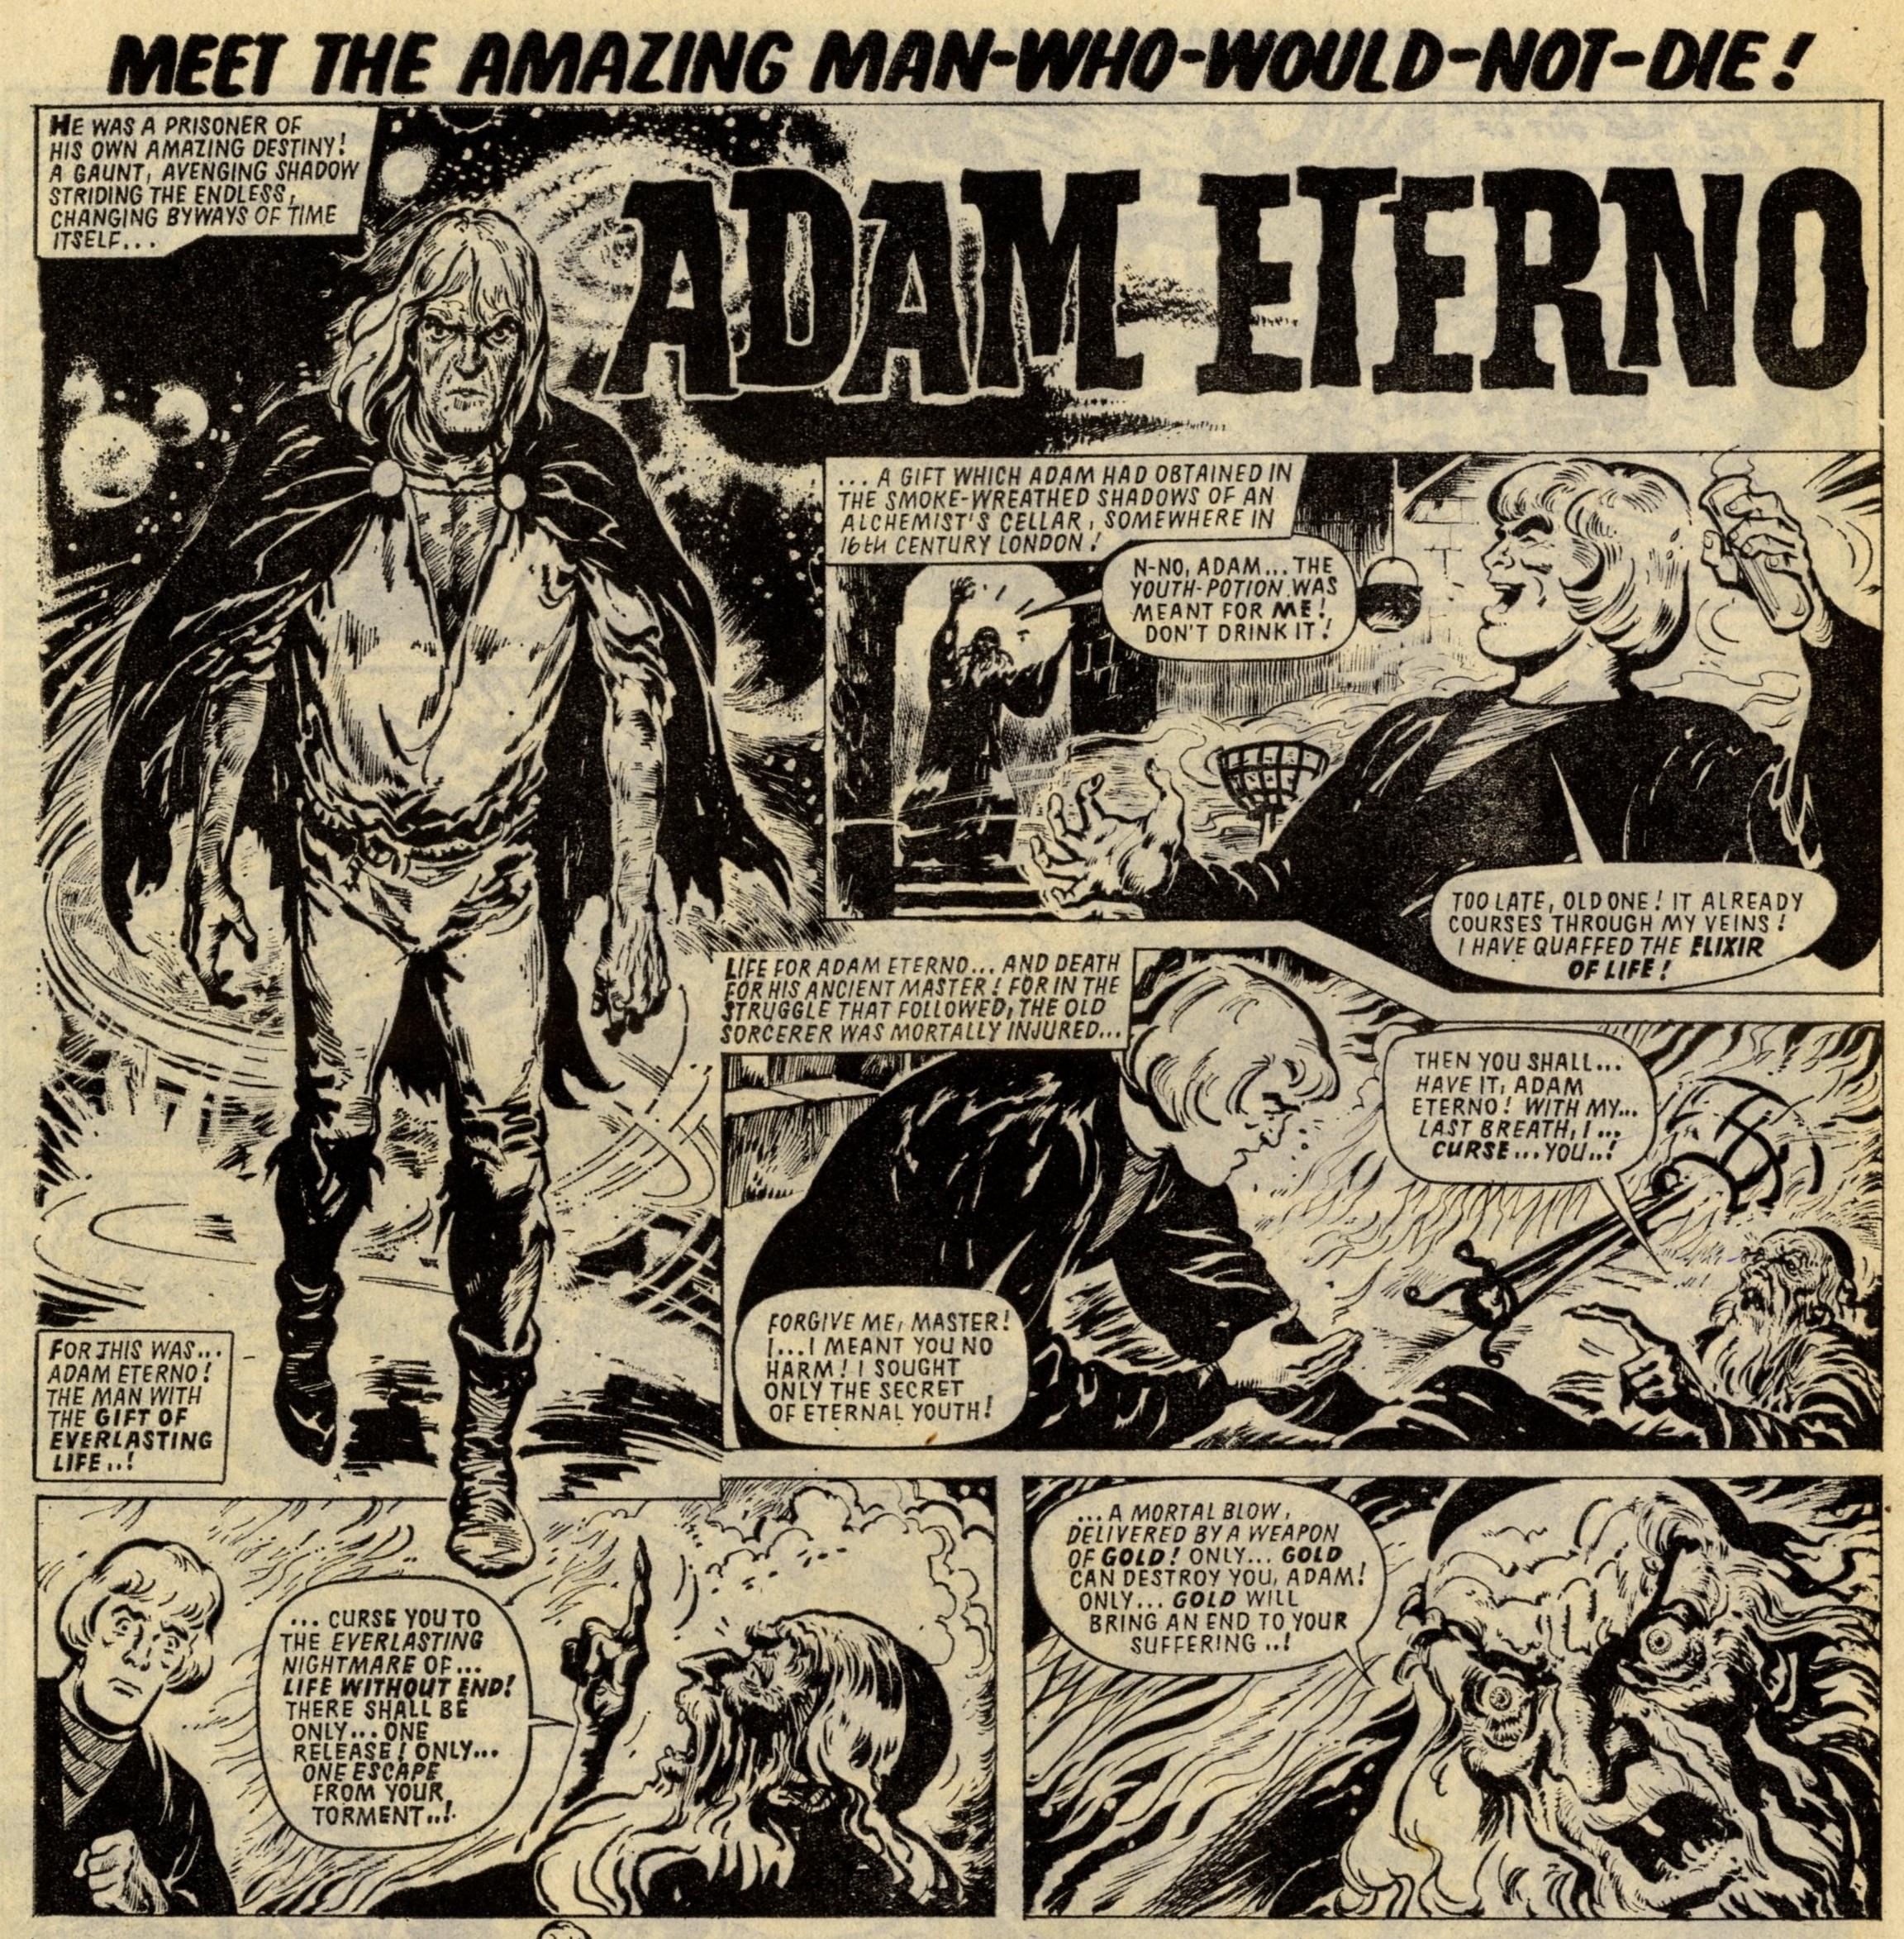 Adam Eterno: Solano Lopez (artist)